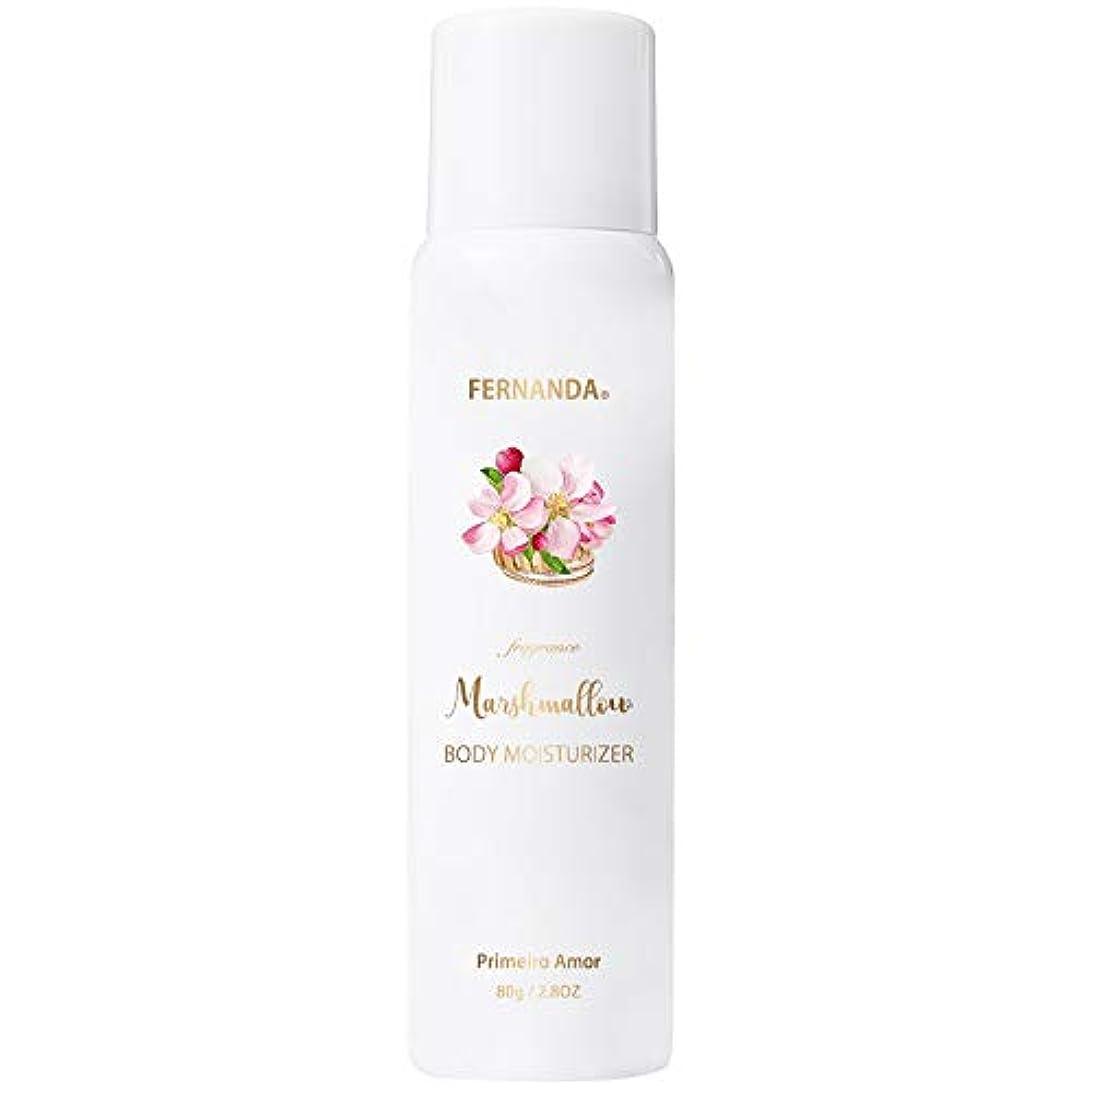 バドミントントンレザーFERNANDA(フェルナンダ) Marshmallow Body Moisturizer Primeiro Amor (マシュマロ ボディ モイスチャライザー プリメイロアモール)